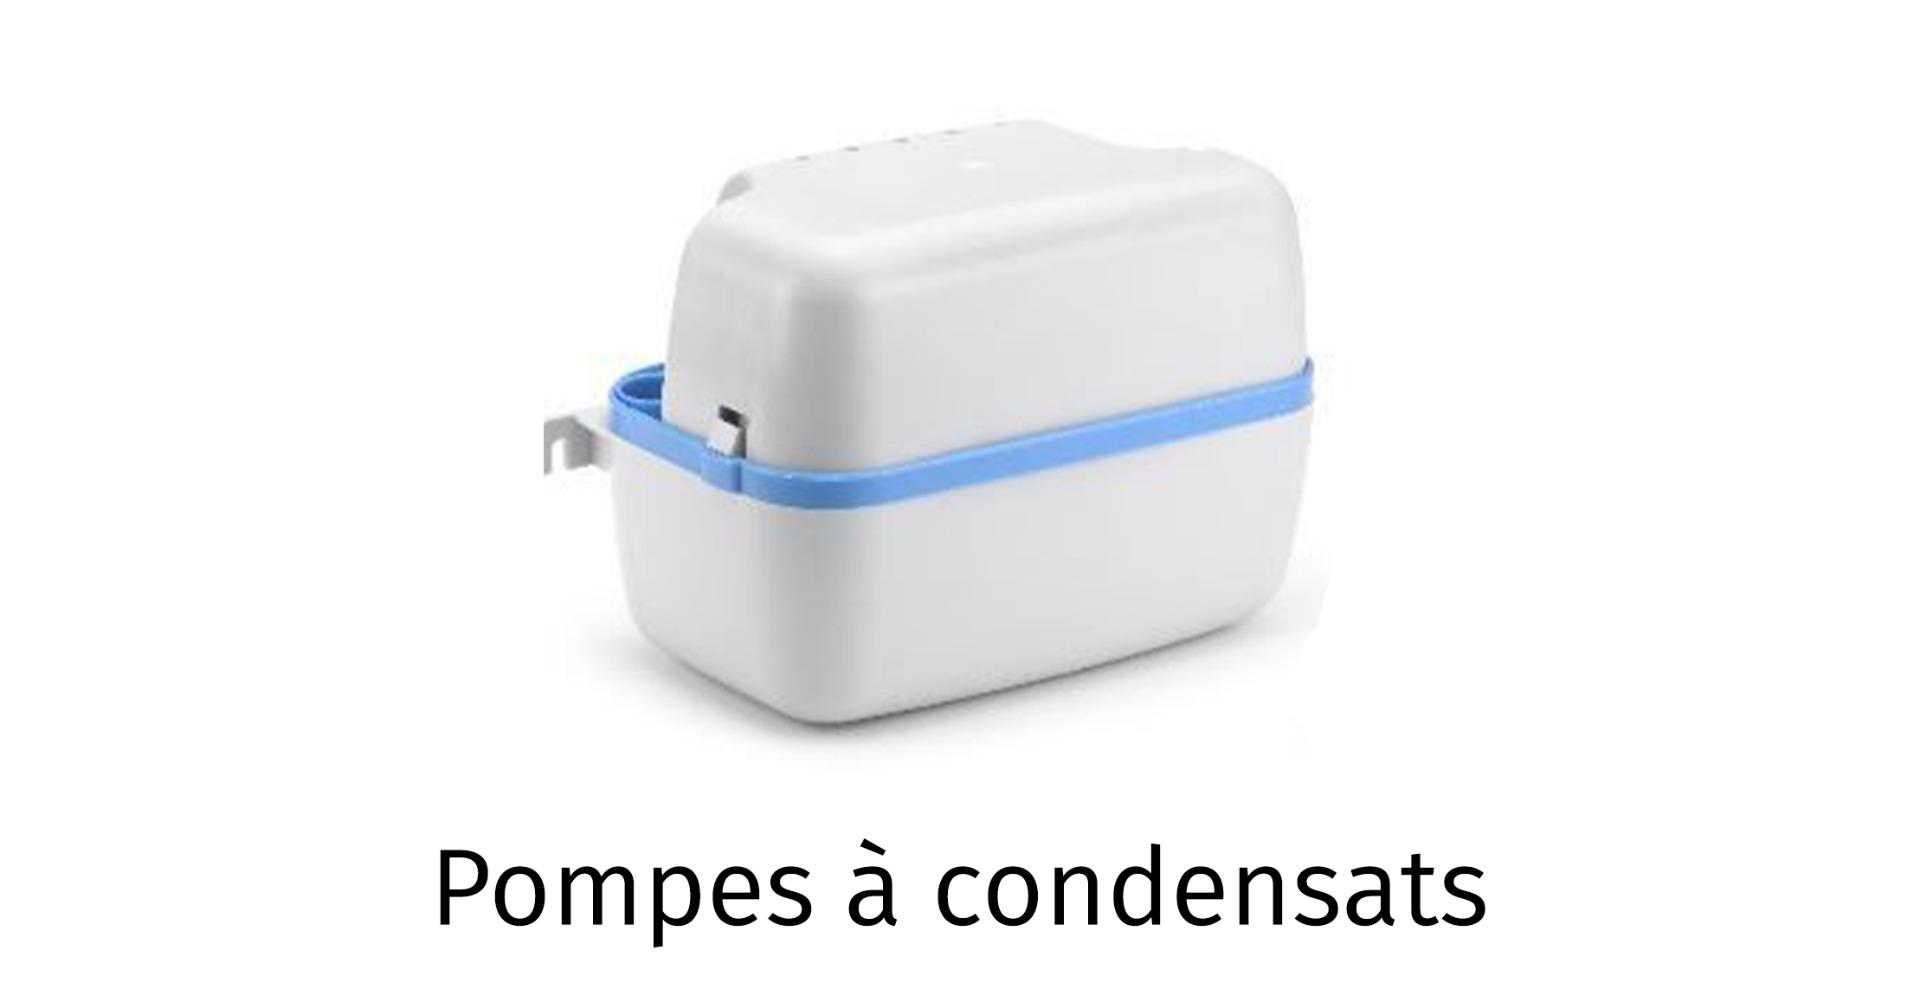 Pompes à condensats